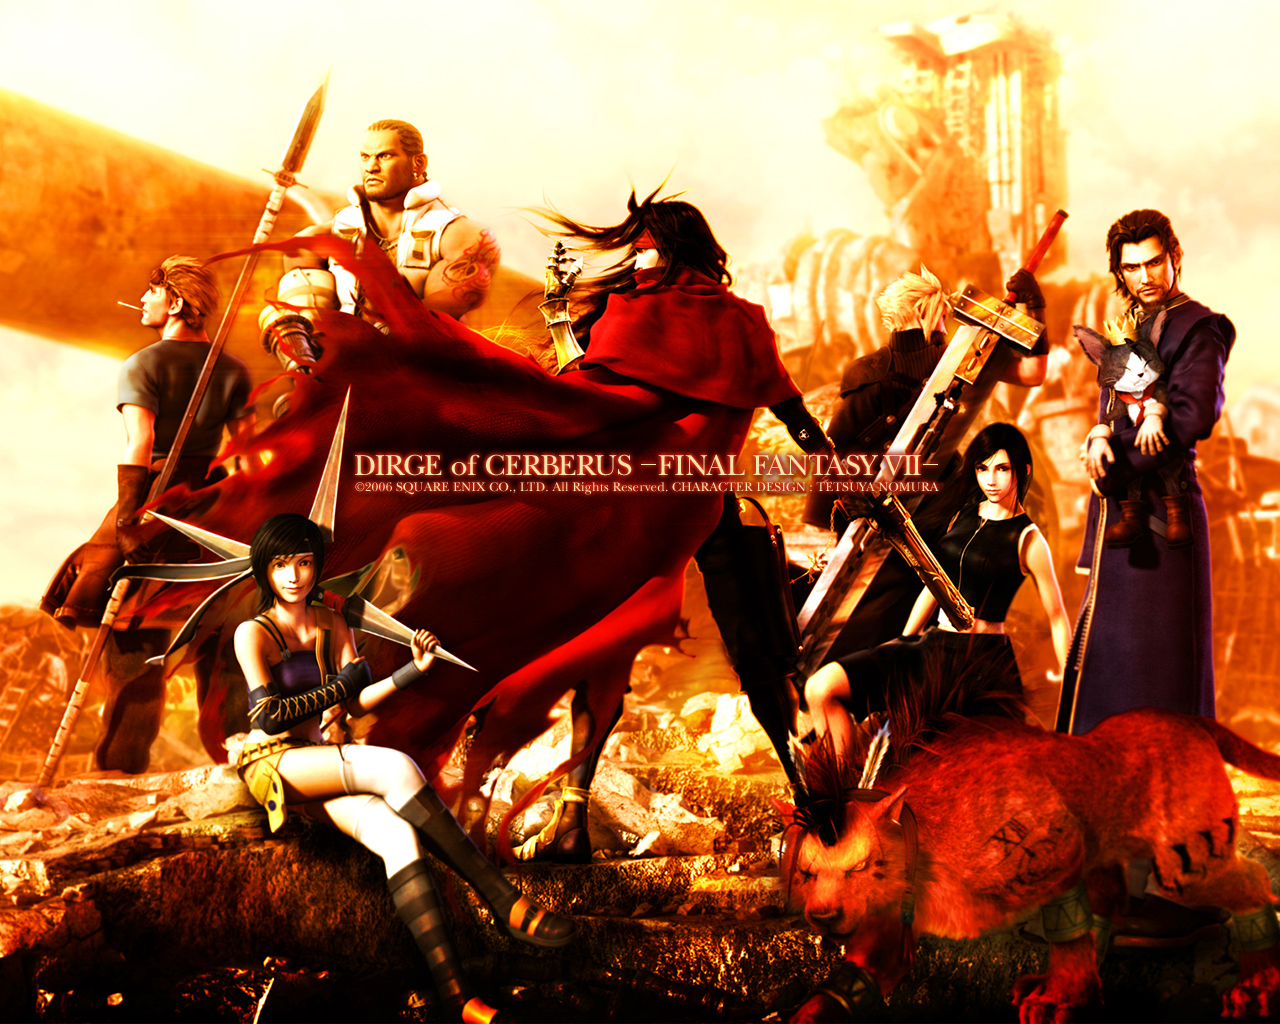 http://3.bp.blogspot.com/-KCLTsCYWqRc/TgW86Ouw5PI/AAAAAAAAABI/ikljztkP2wU/s1600/final_fantasy_vii_dirge_of_cerberus_wallpaper.jpg